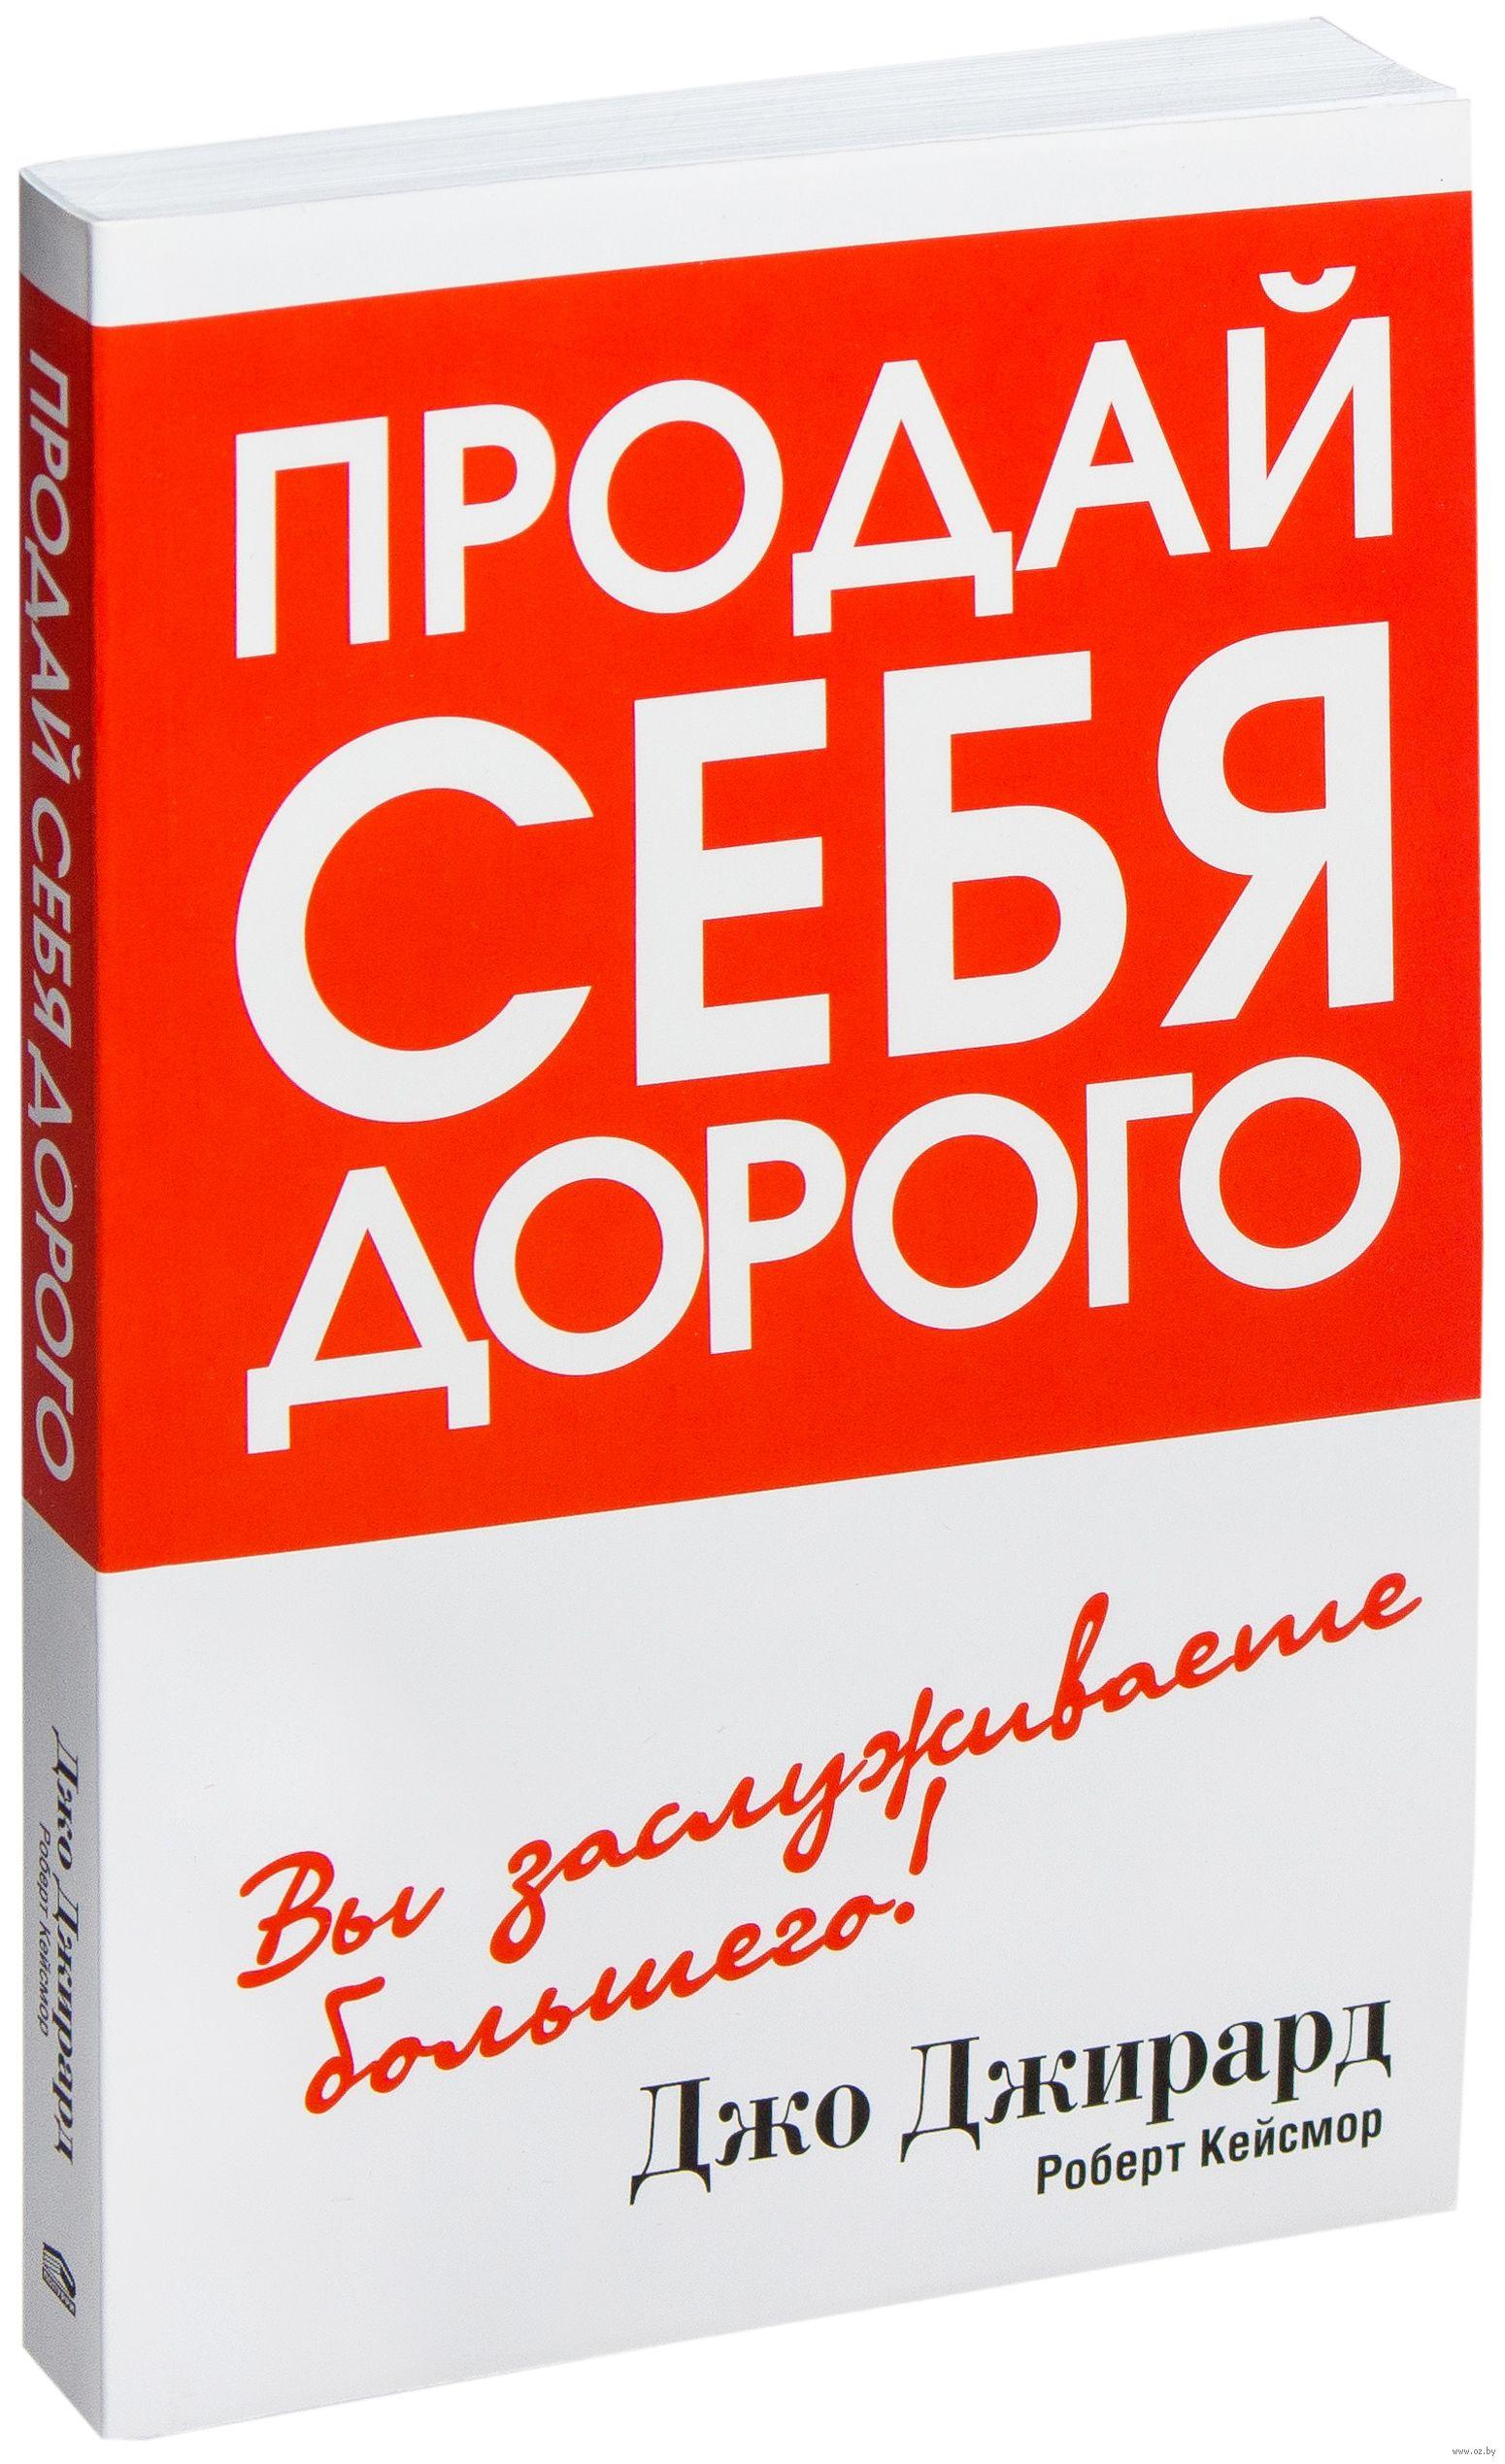 Книга джо джирард как продать себя скачать    terminatedapathy. Cf.